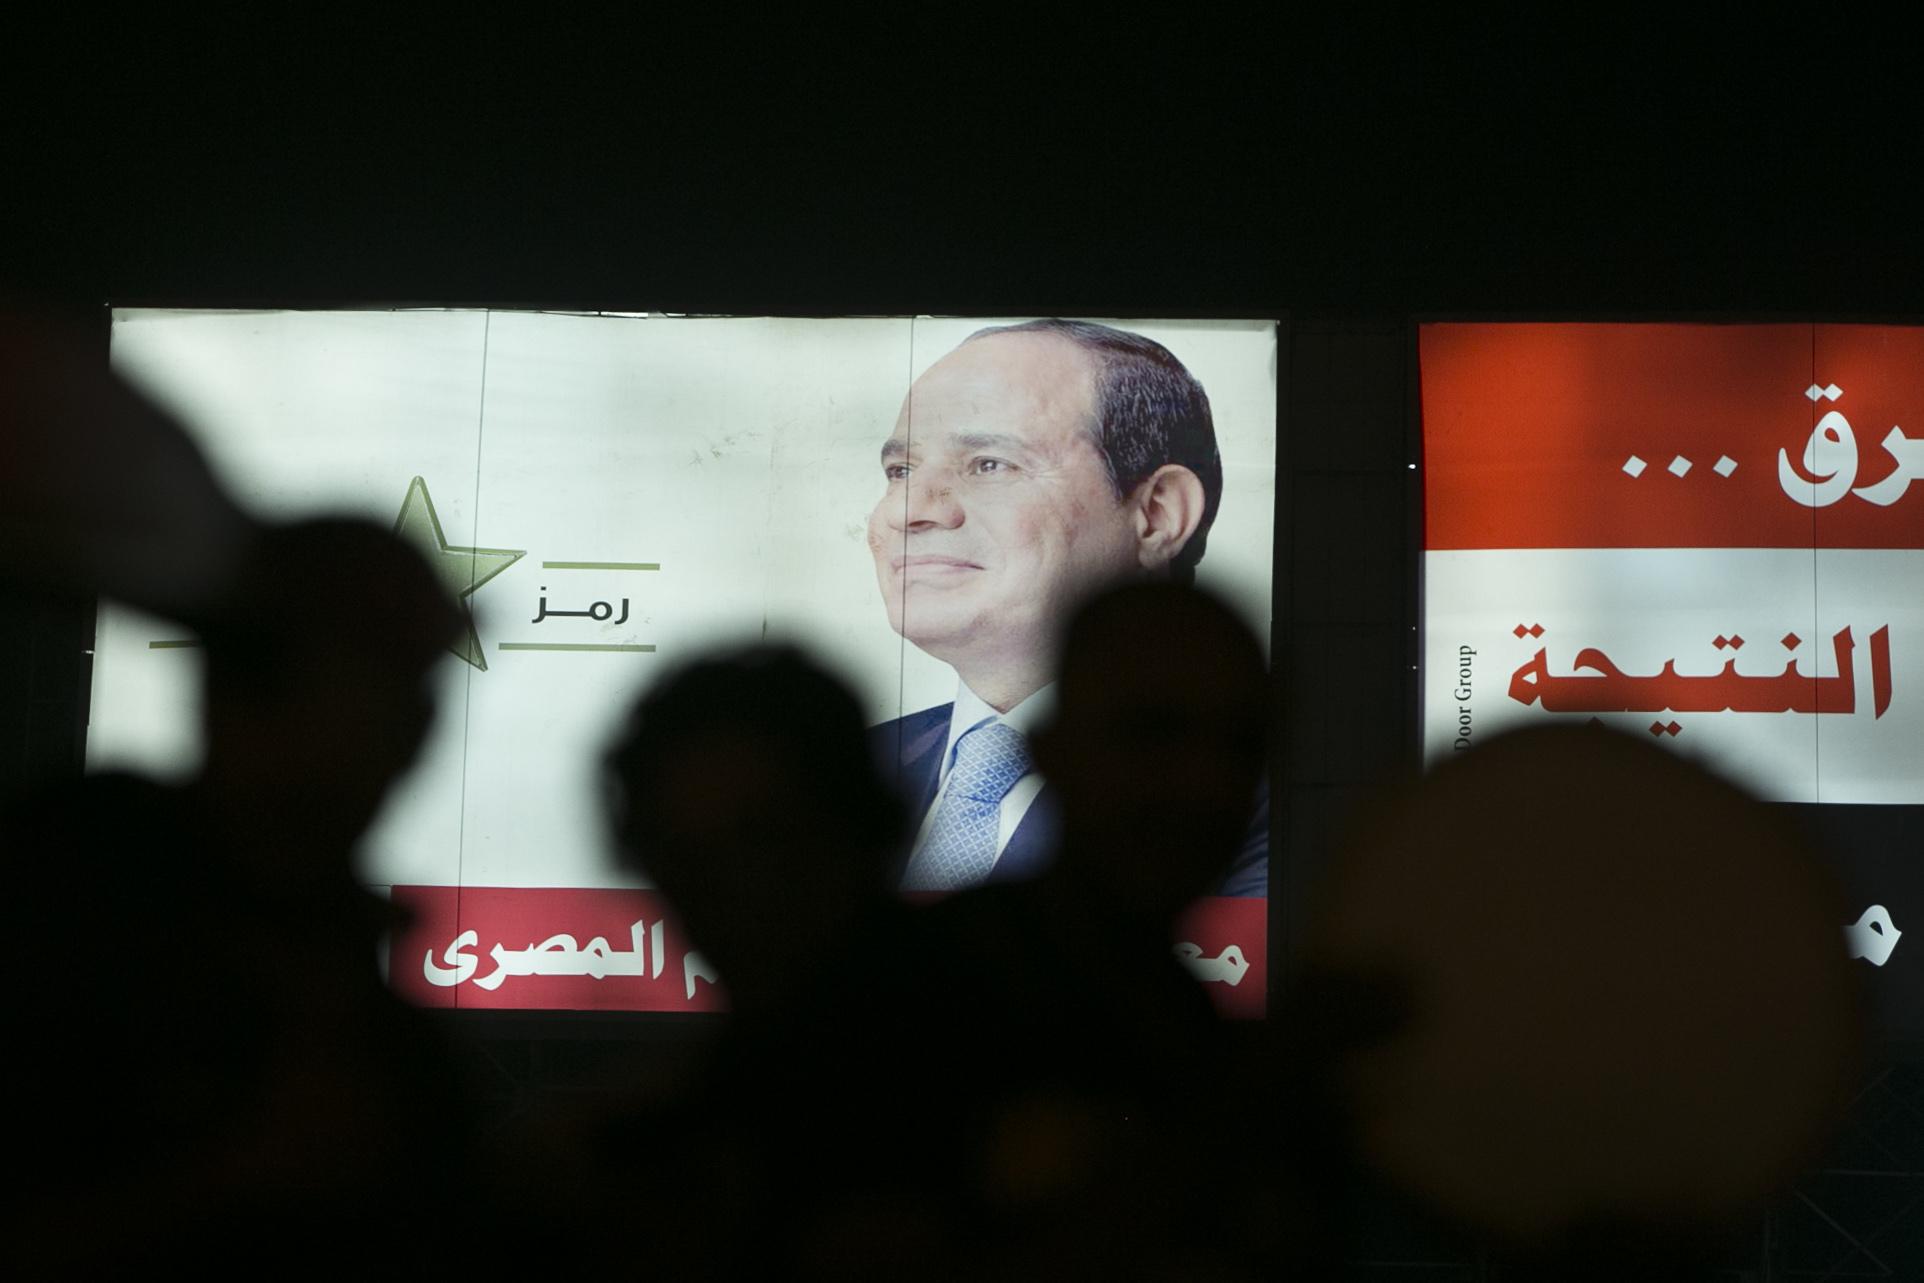 """L'app anti-desaparecidos per """"salvare"""" gli egiziani"""